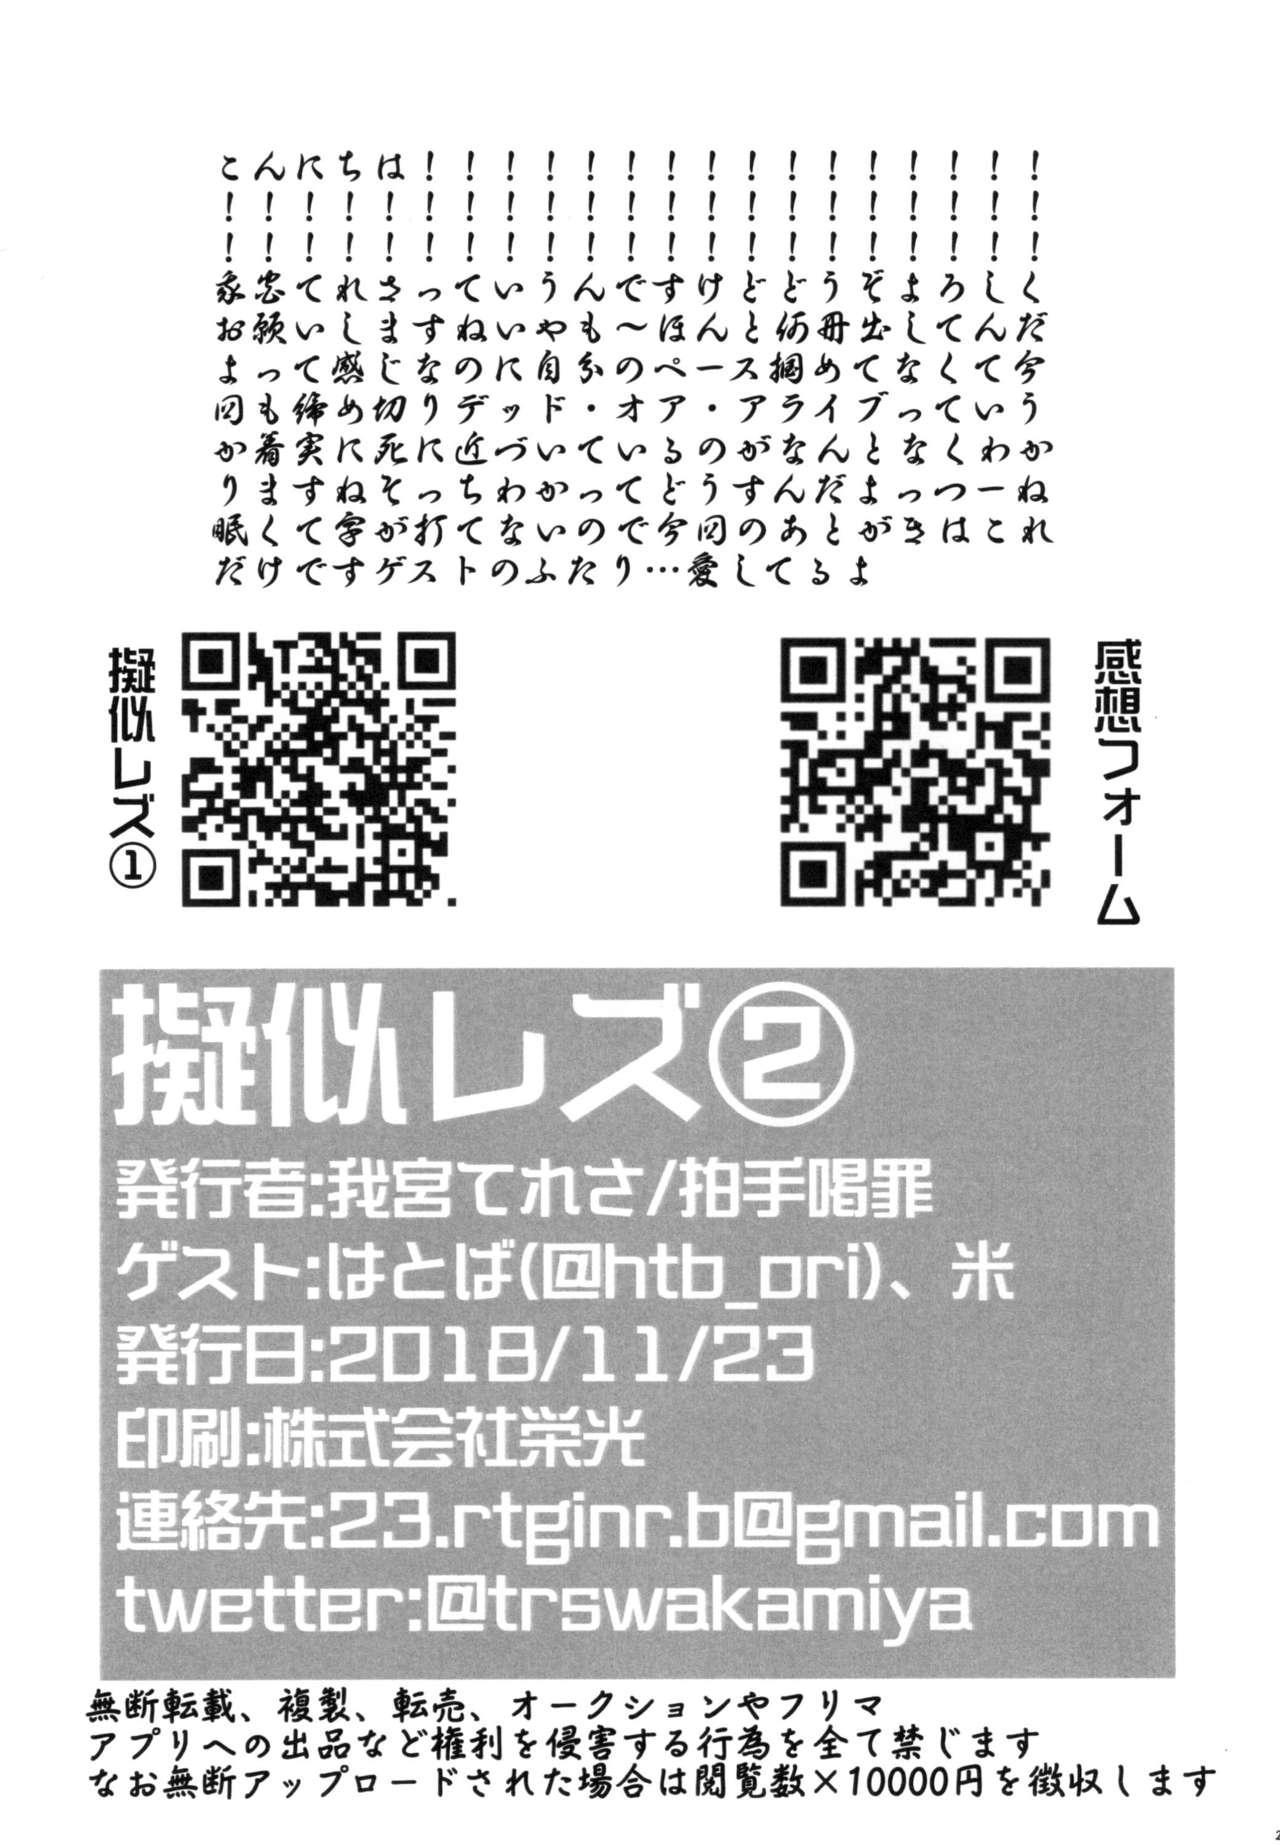 Giji Les 2 23